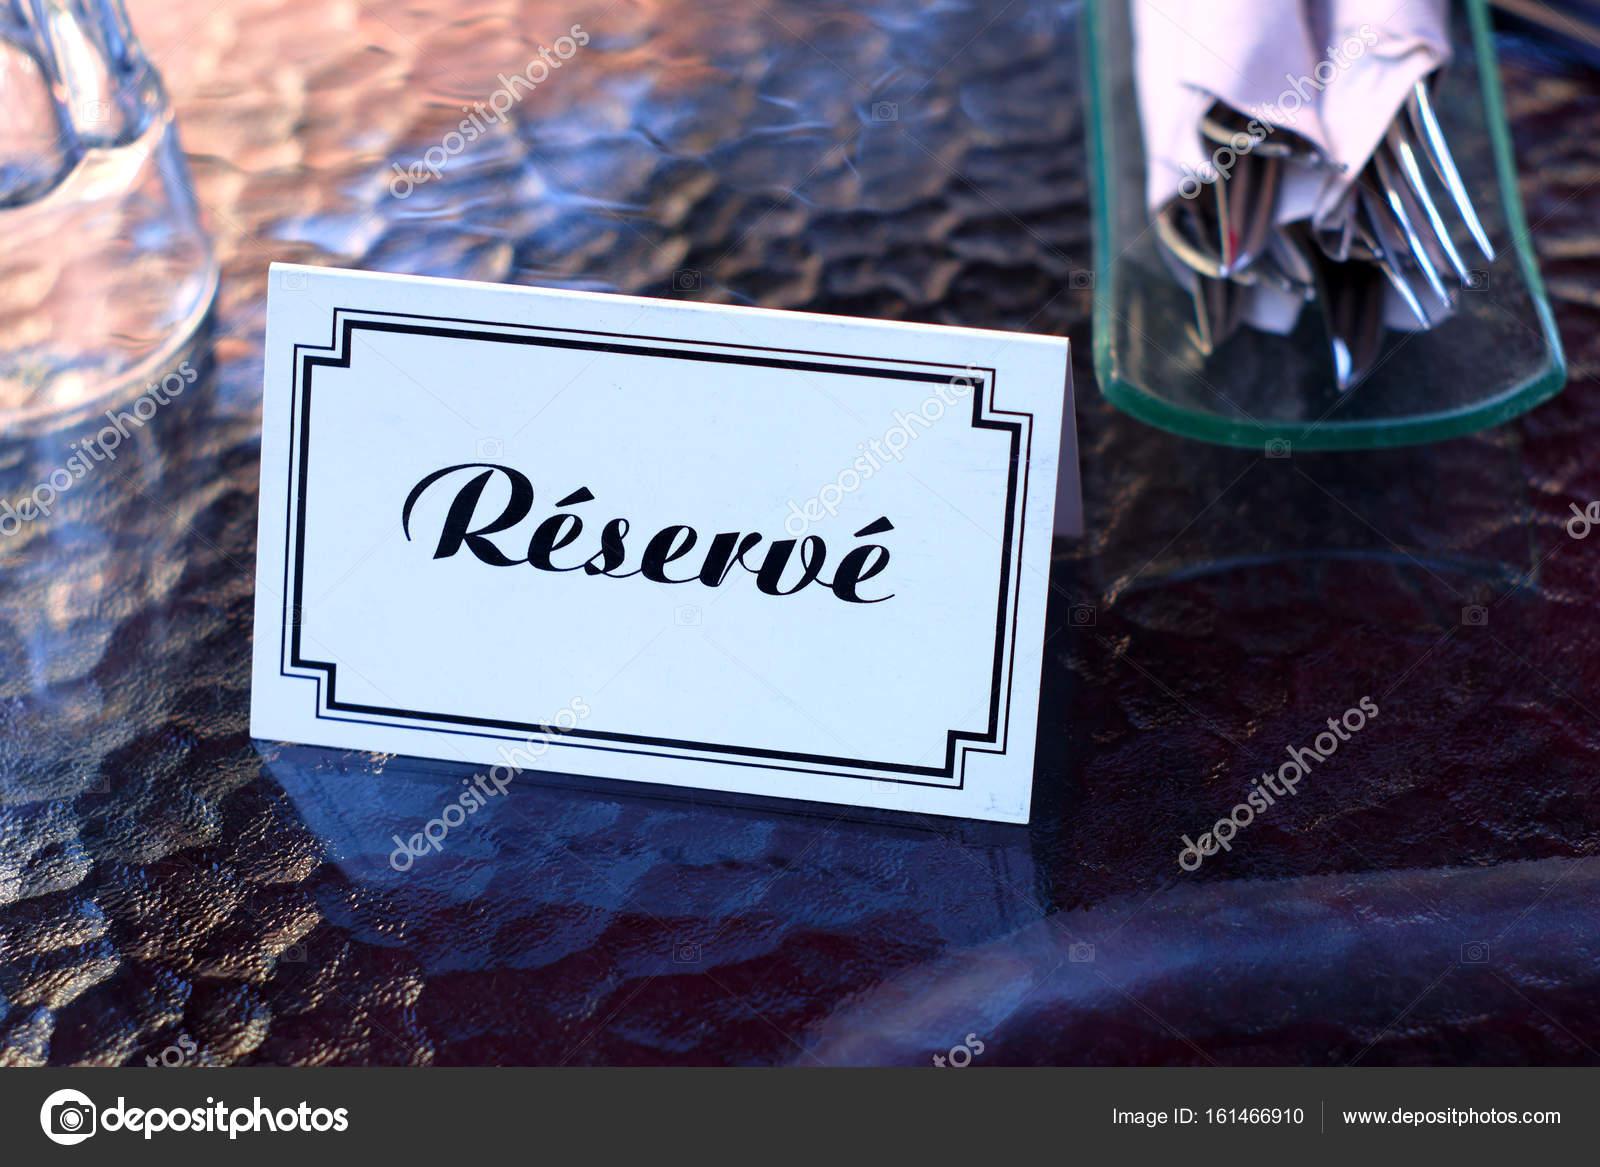 Französisches Restaurant Tischreservierung Zeichen Karte Platz ...